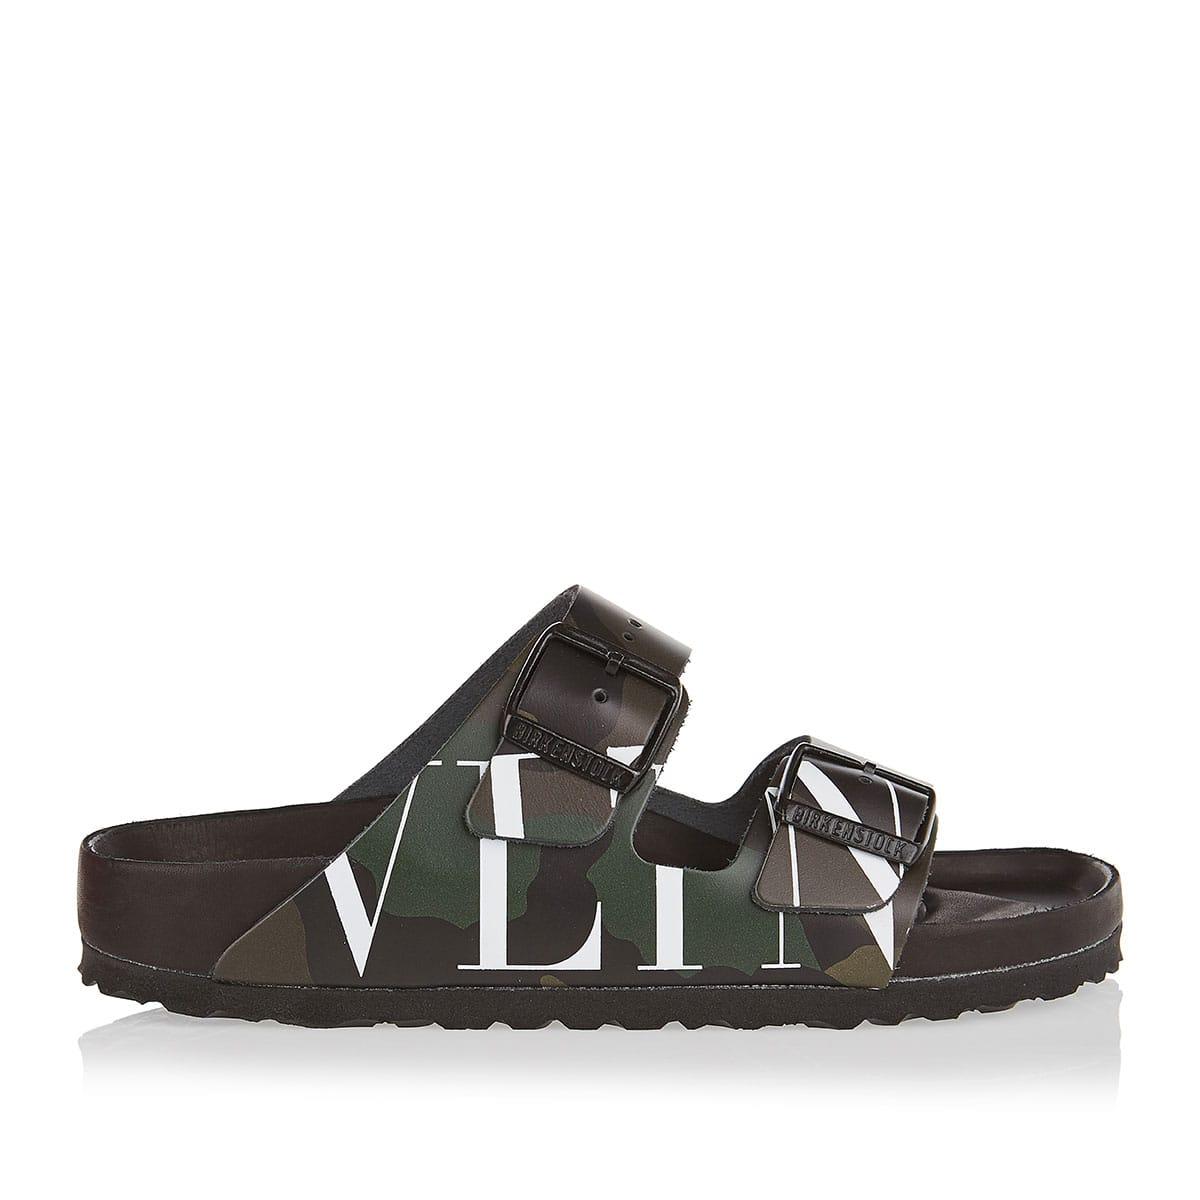 X Birkenstock VLTN camouflage slides